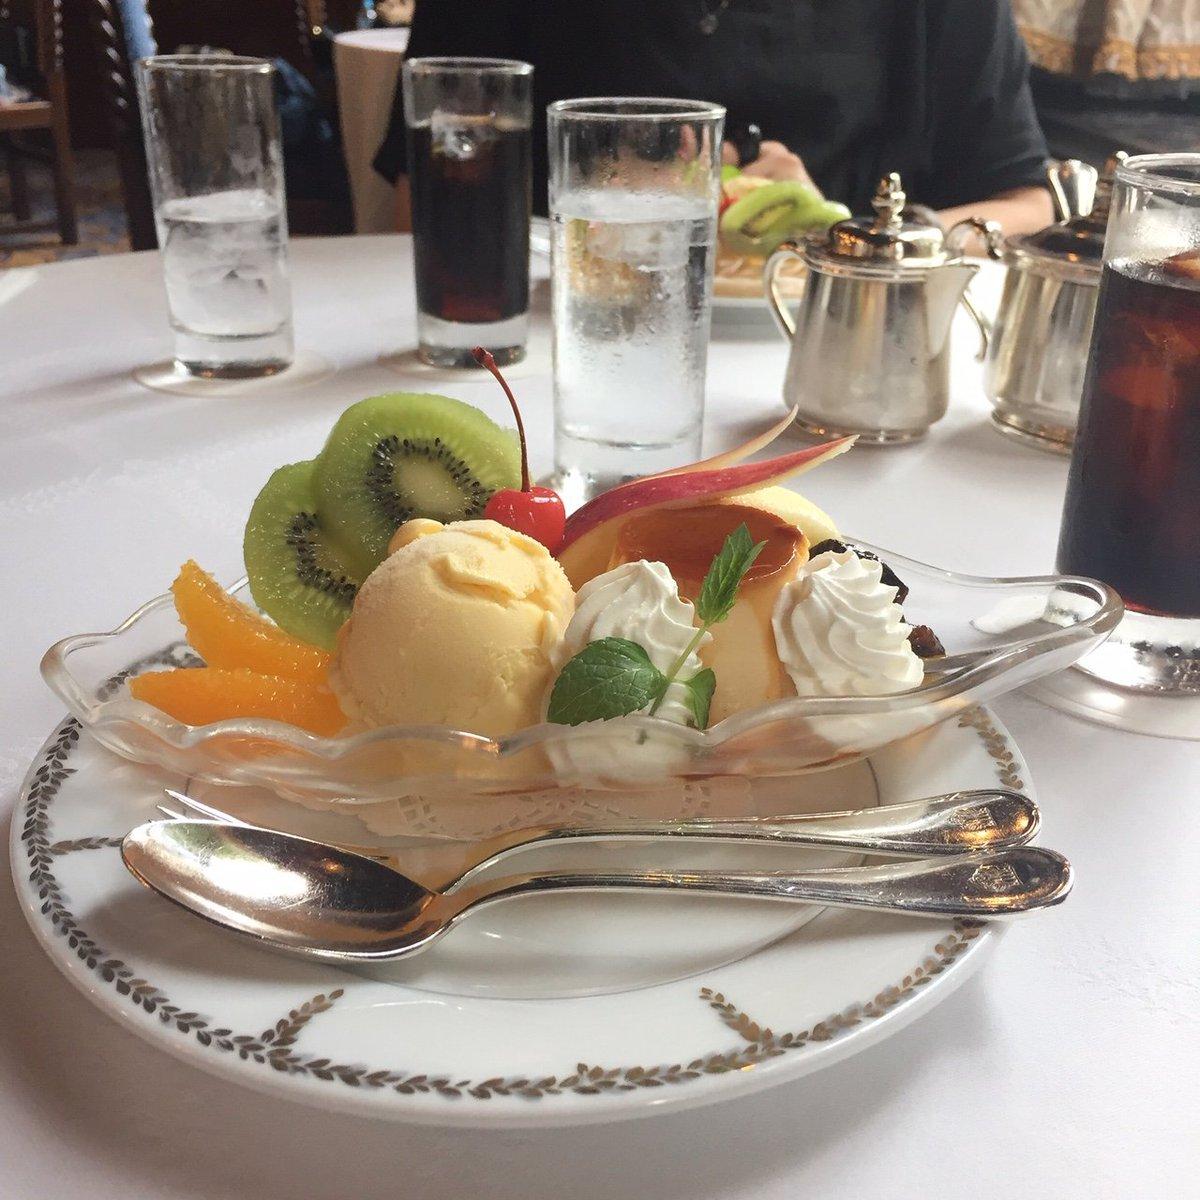 test ツイッターメディア - ホテルニューグランドの普段は公開されていないフェニックスルームでお茶ができるとお誘いいただいて、午前中から優雅な時間を。馬車道十番館も好きだけれど、こちらのプリンアラモードも美味しかったです😋 utopianoさんの撮られた内装の写真がきれい✨そしてやっぱり2階ロビーの雰囲気に憧れます。 https://t.co/5tJnixSUsp